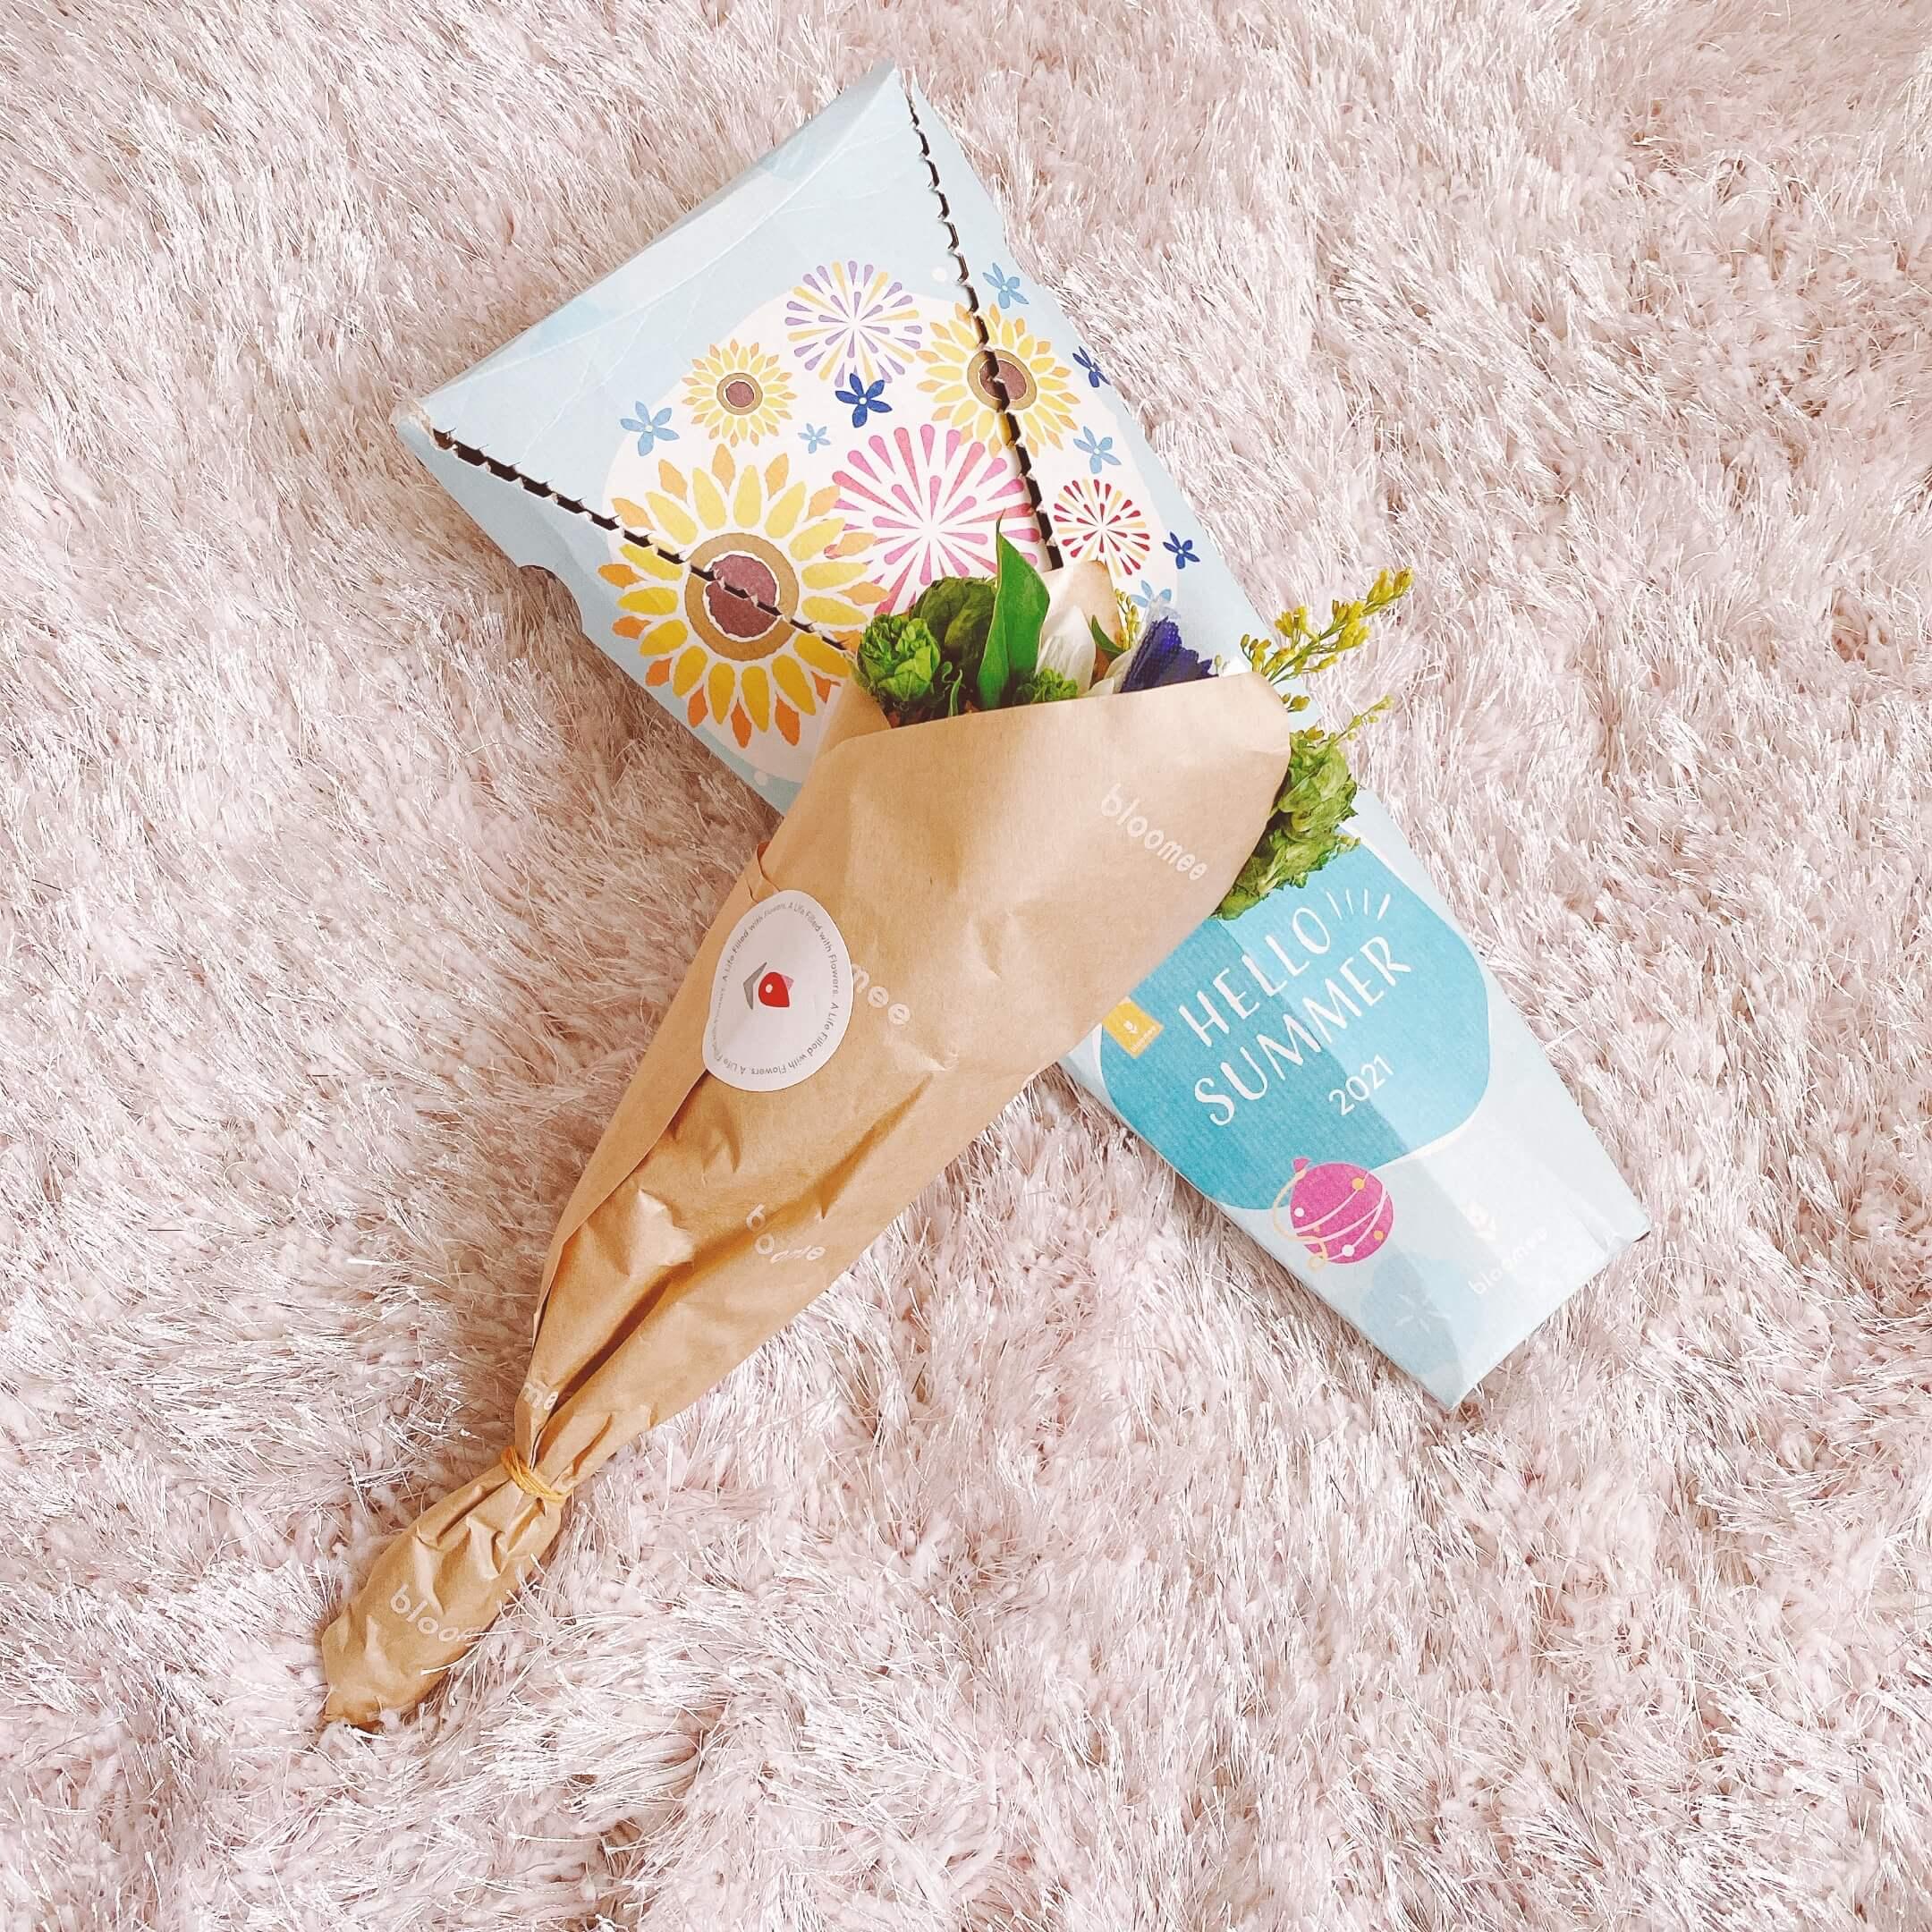 ブルーミーサマーボックスで届いたお花